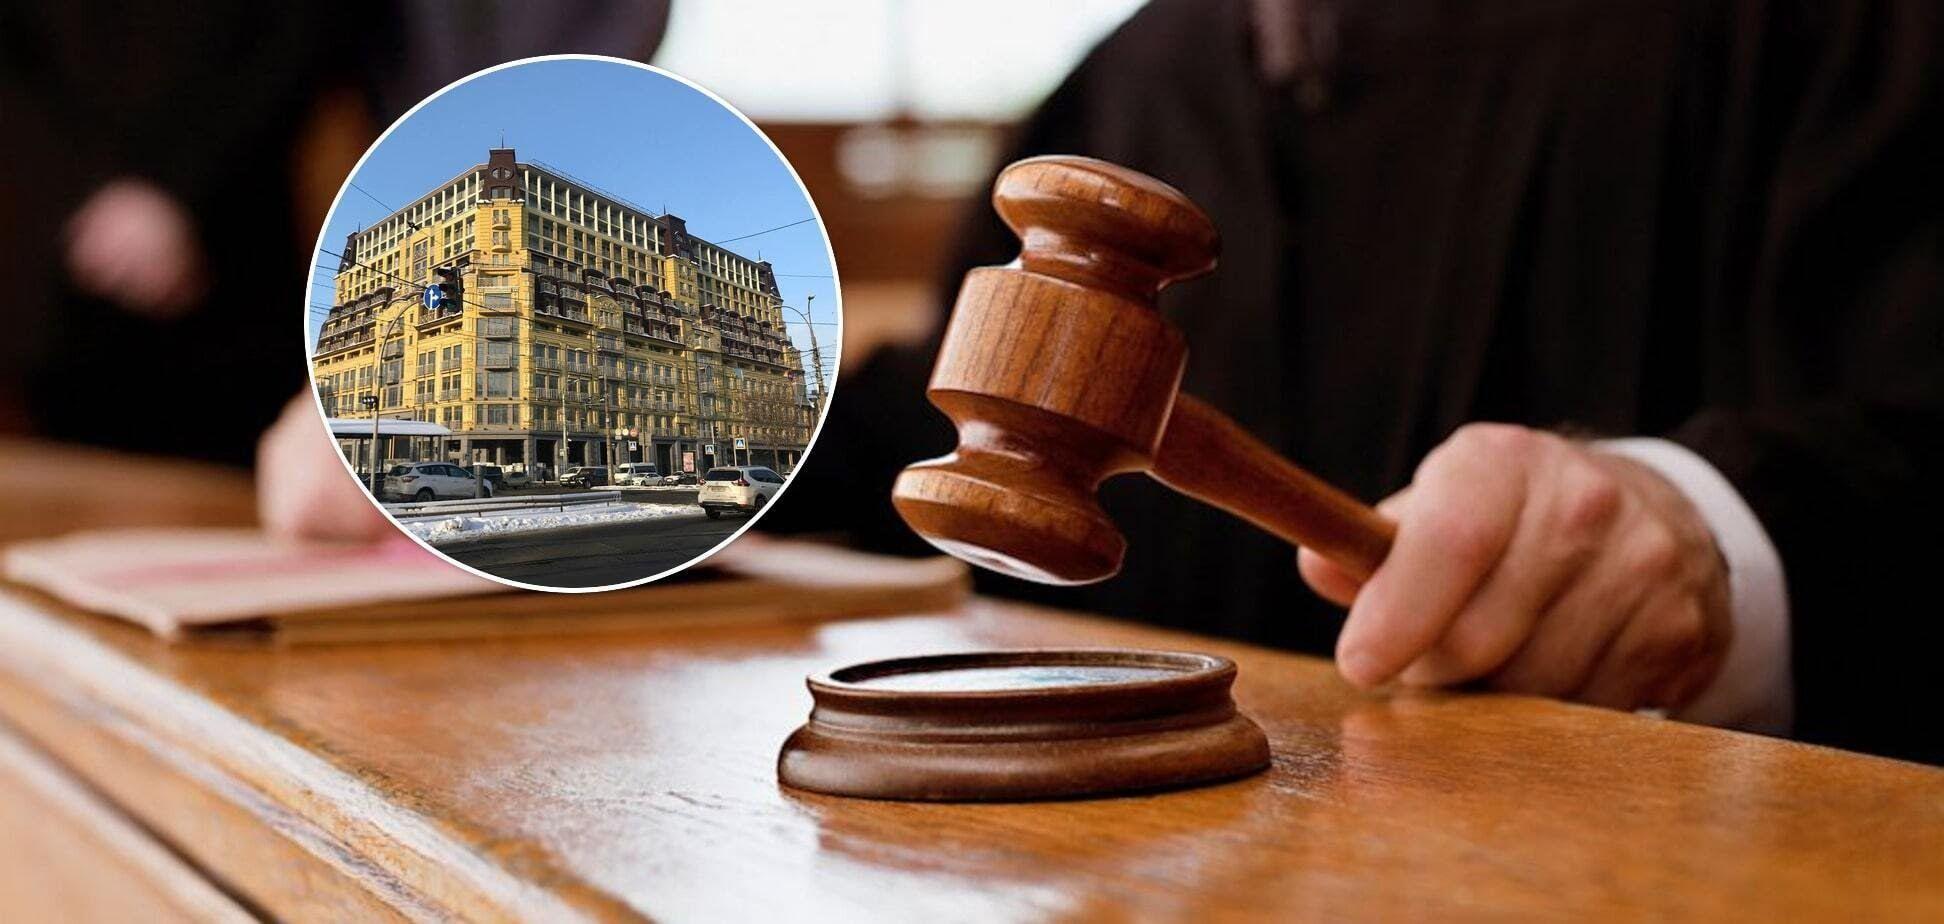 КМДА оскаржуватиме рішення суду по Будинку-монстру